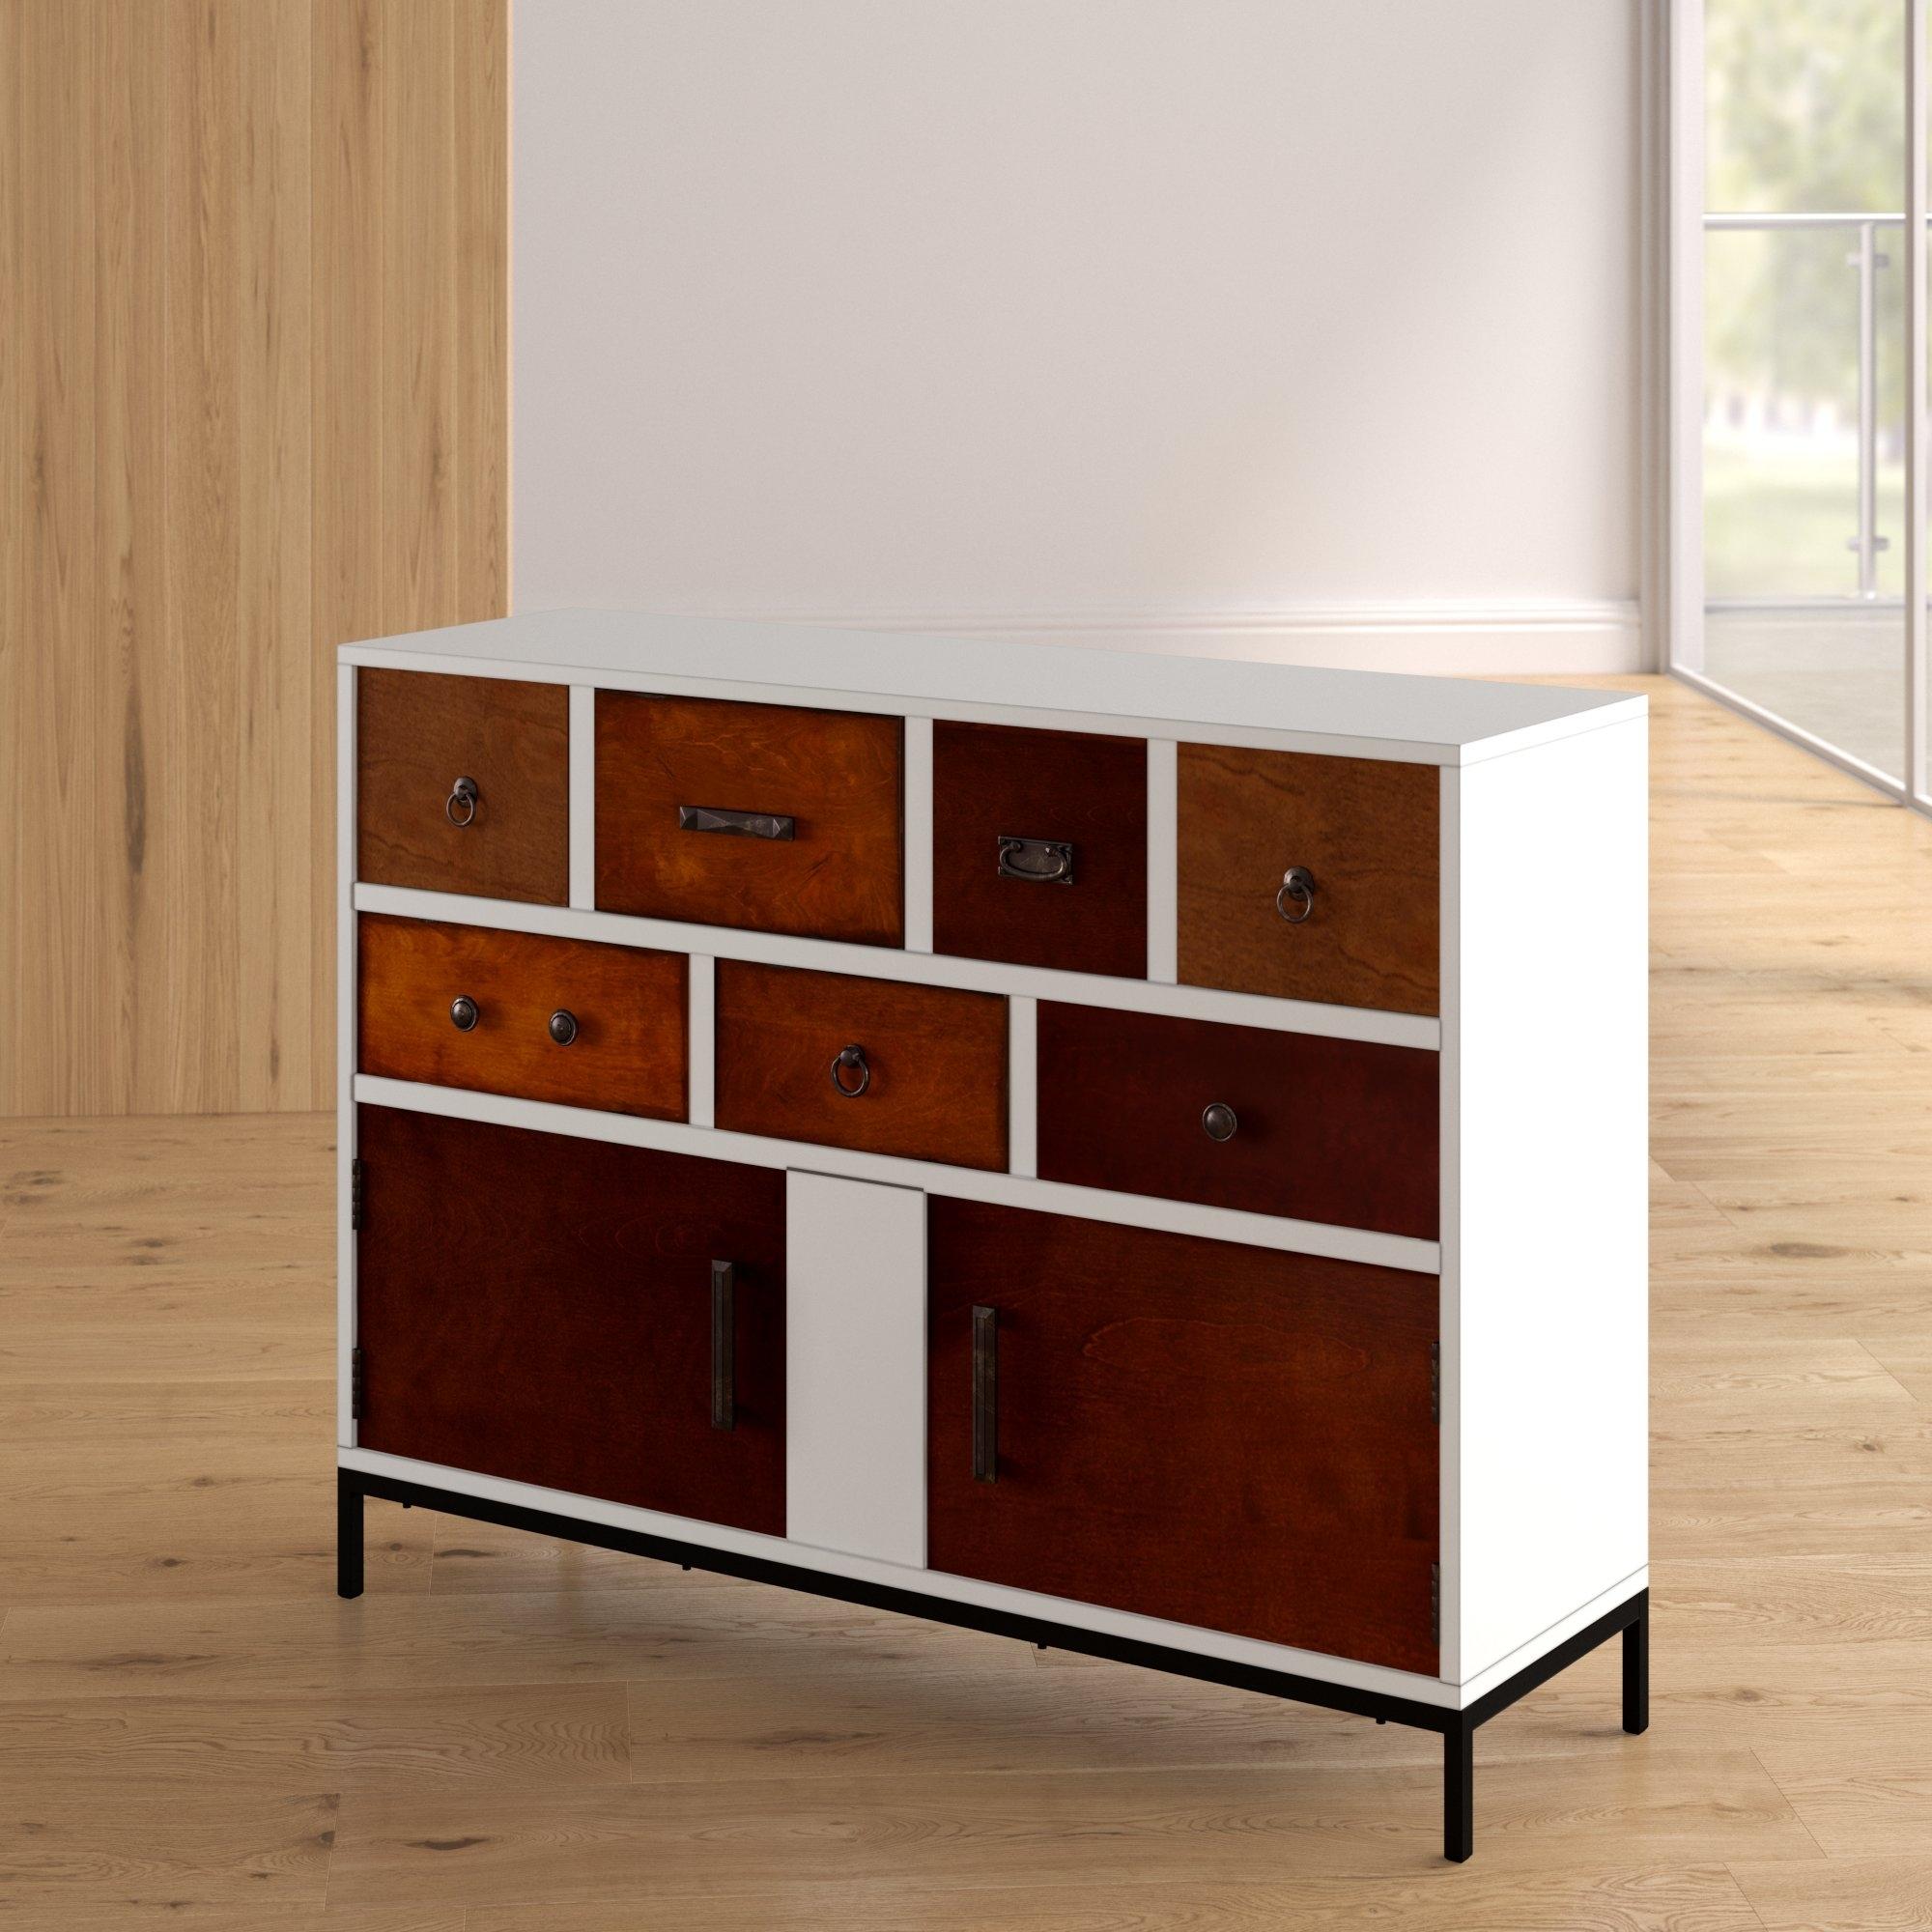 Brayden Studio Galgano 2 Door Accent Cabinet & Reviews   Wayfair within Oil Pale Finish 3-Door Sideboards (Image 11 of 30)